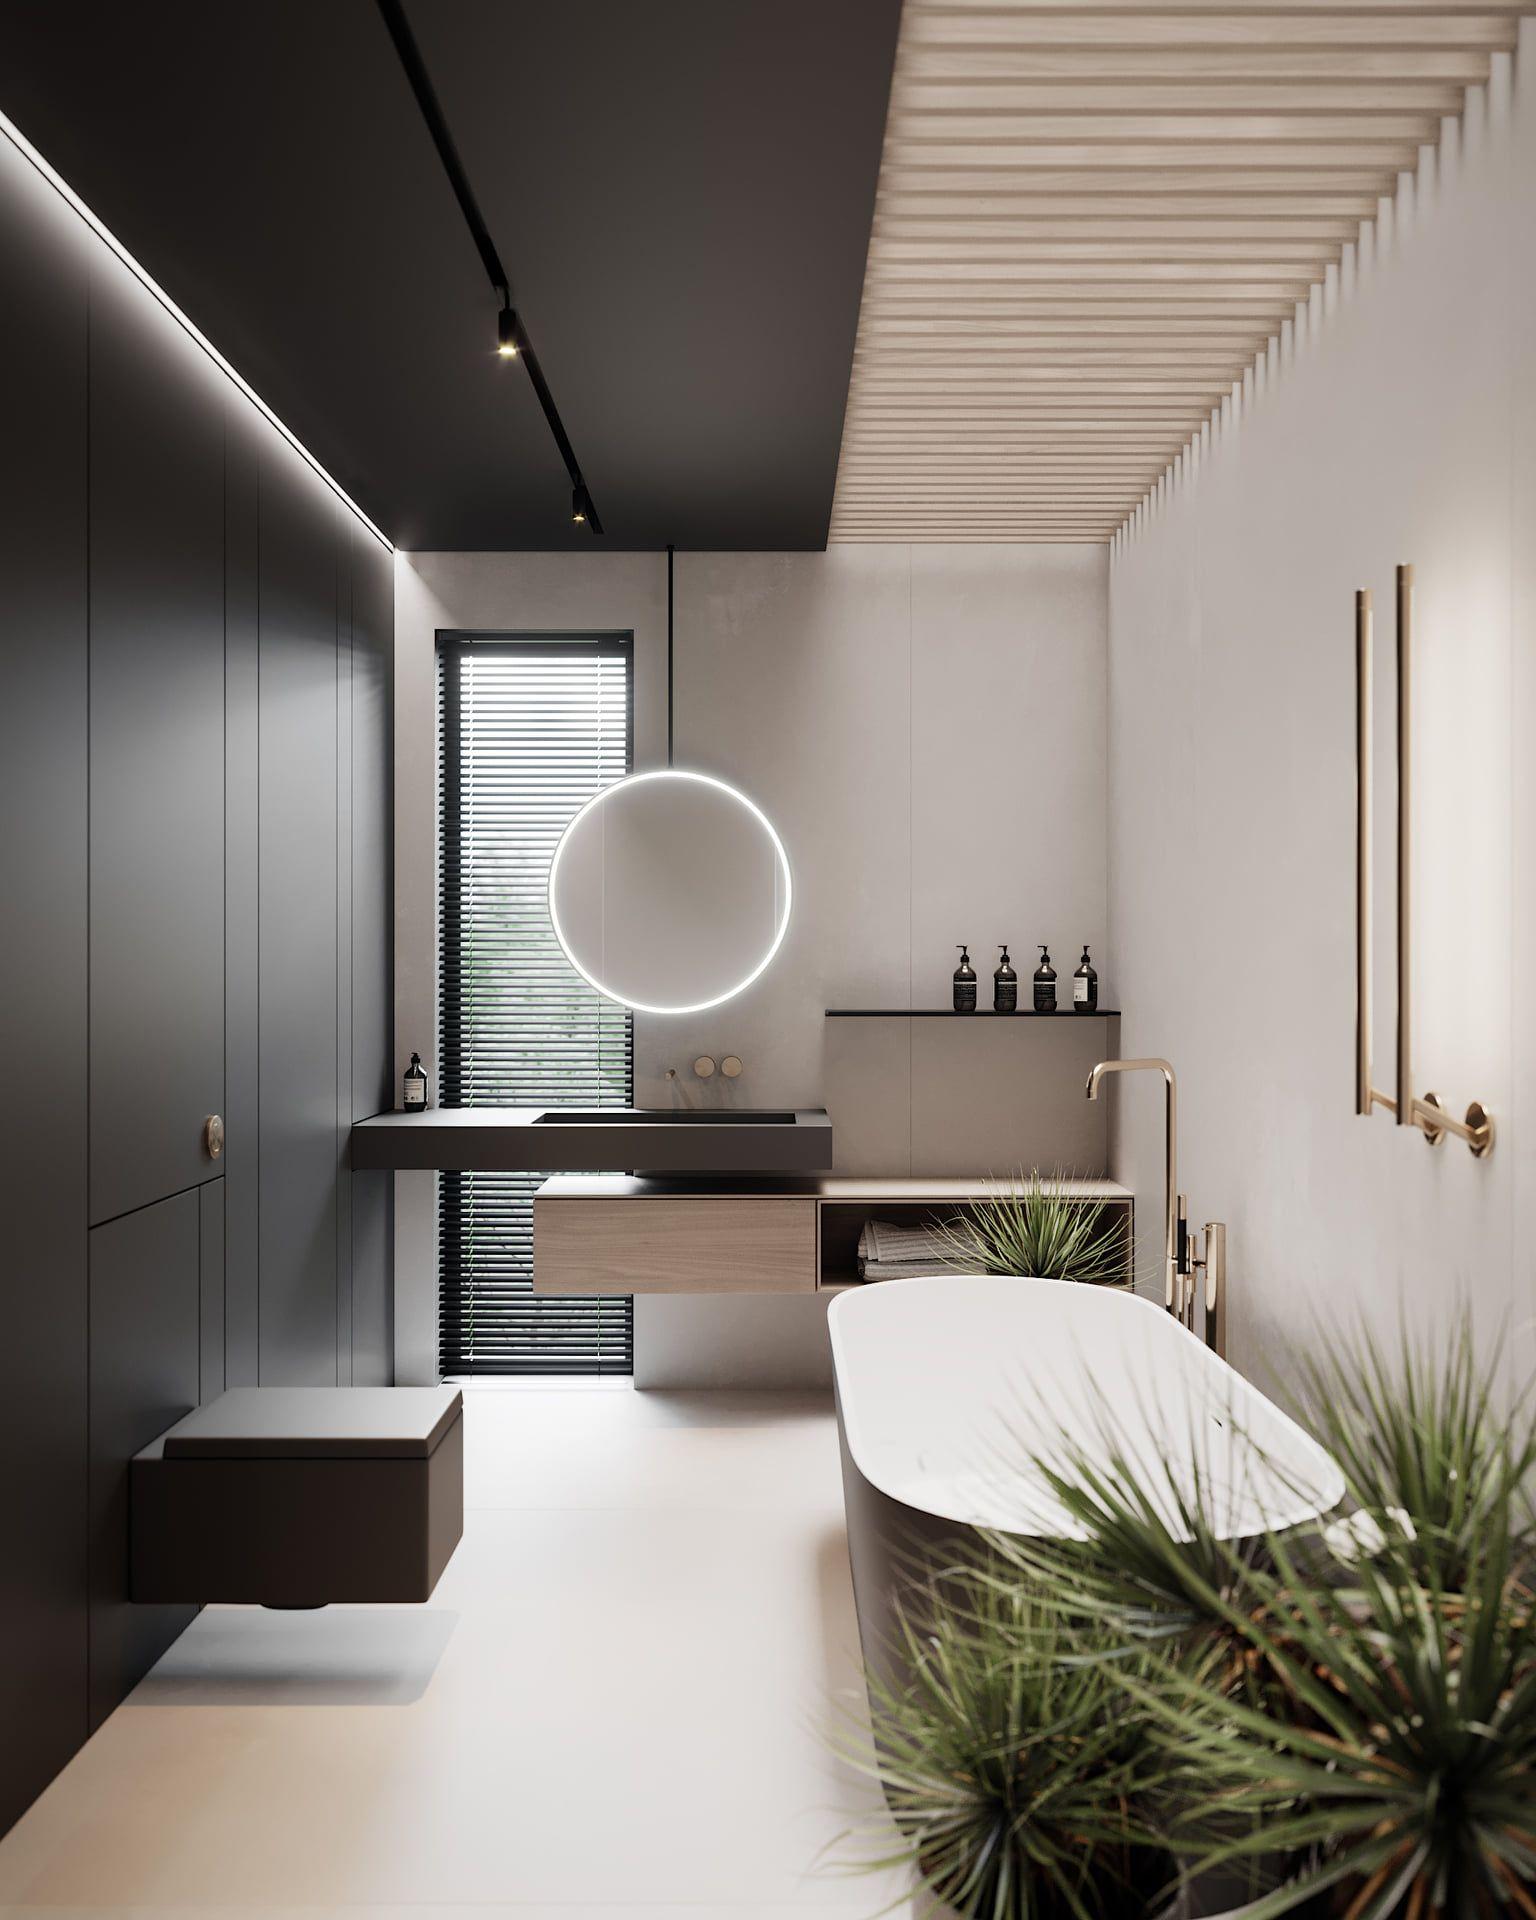 nhà tắm 10m2 đẹp theo phong cách hiện đại